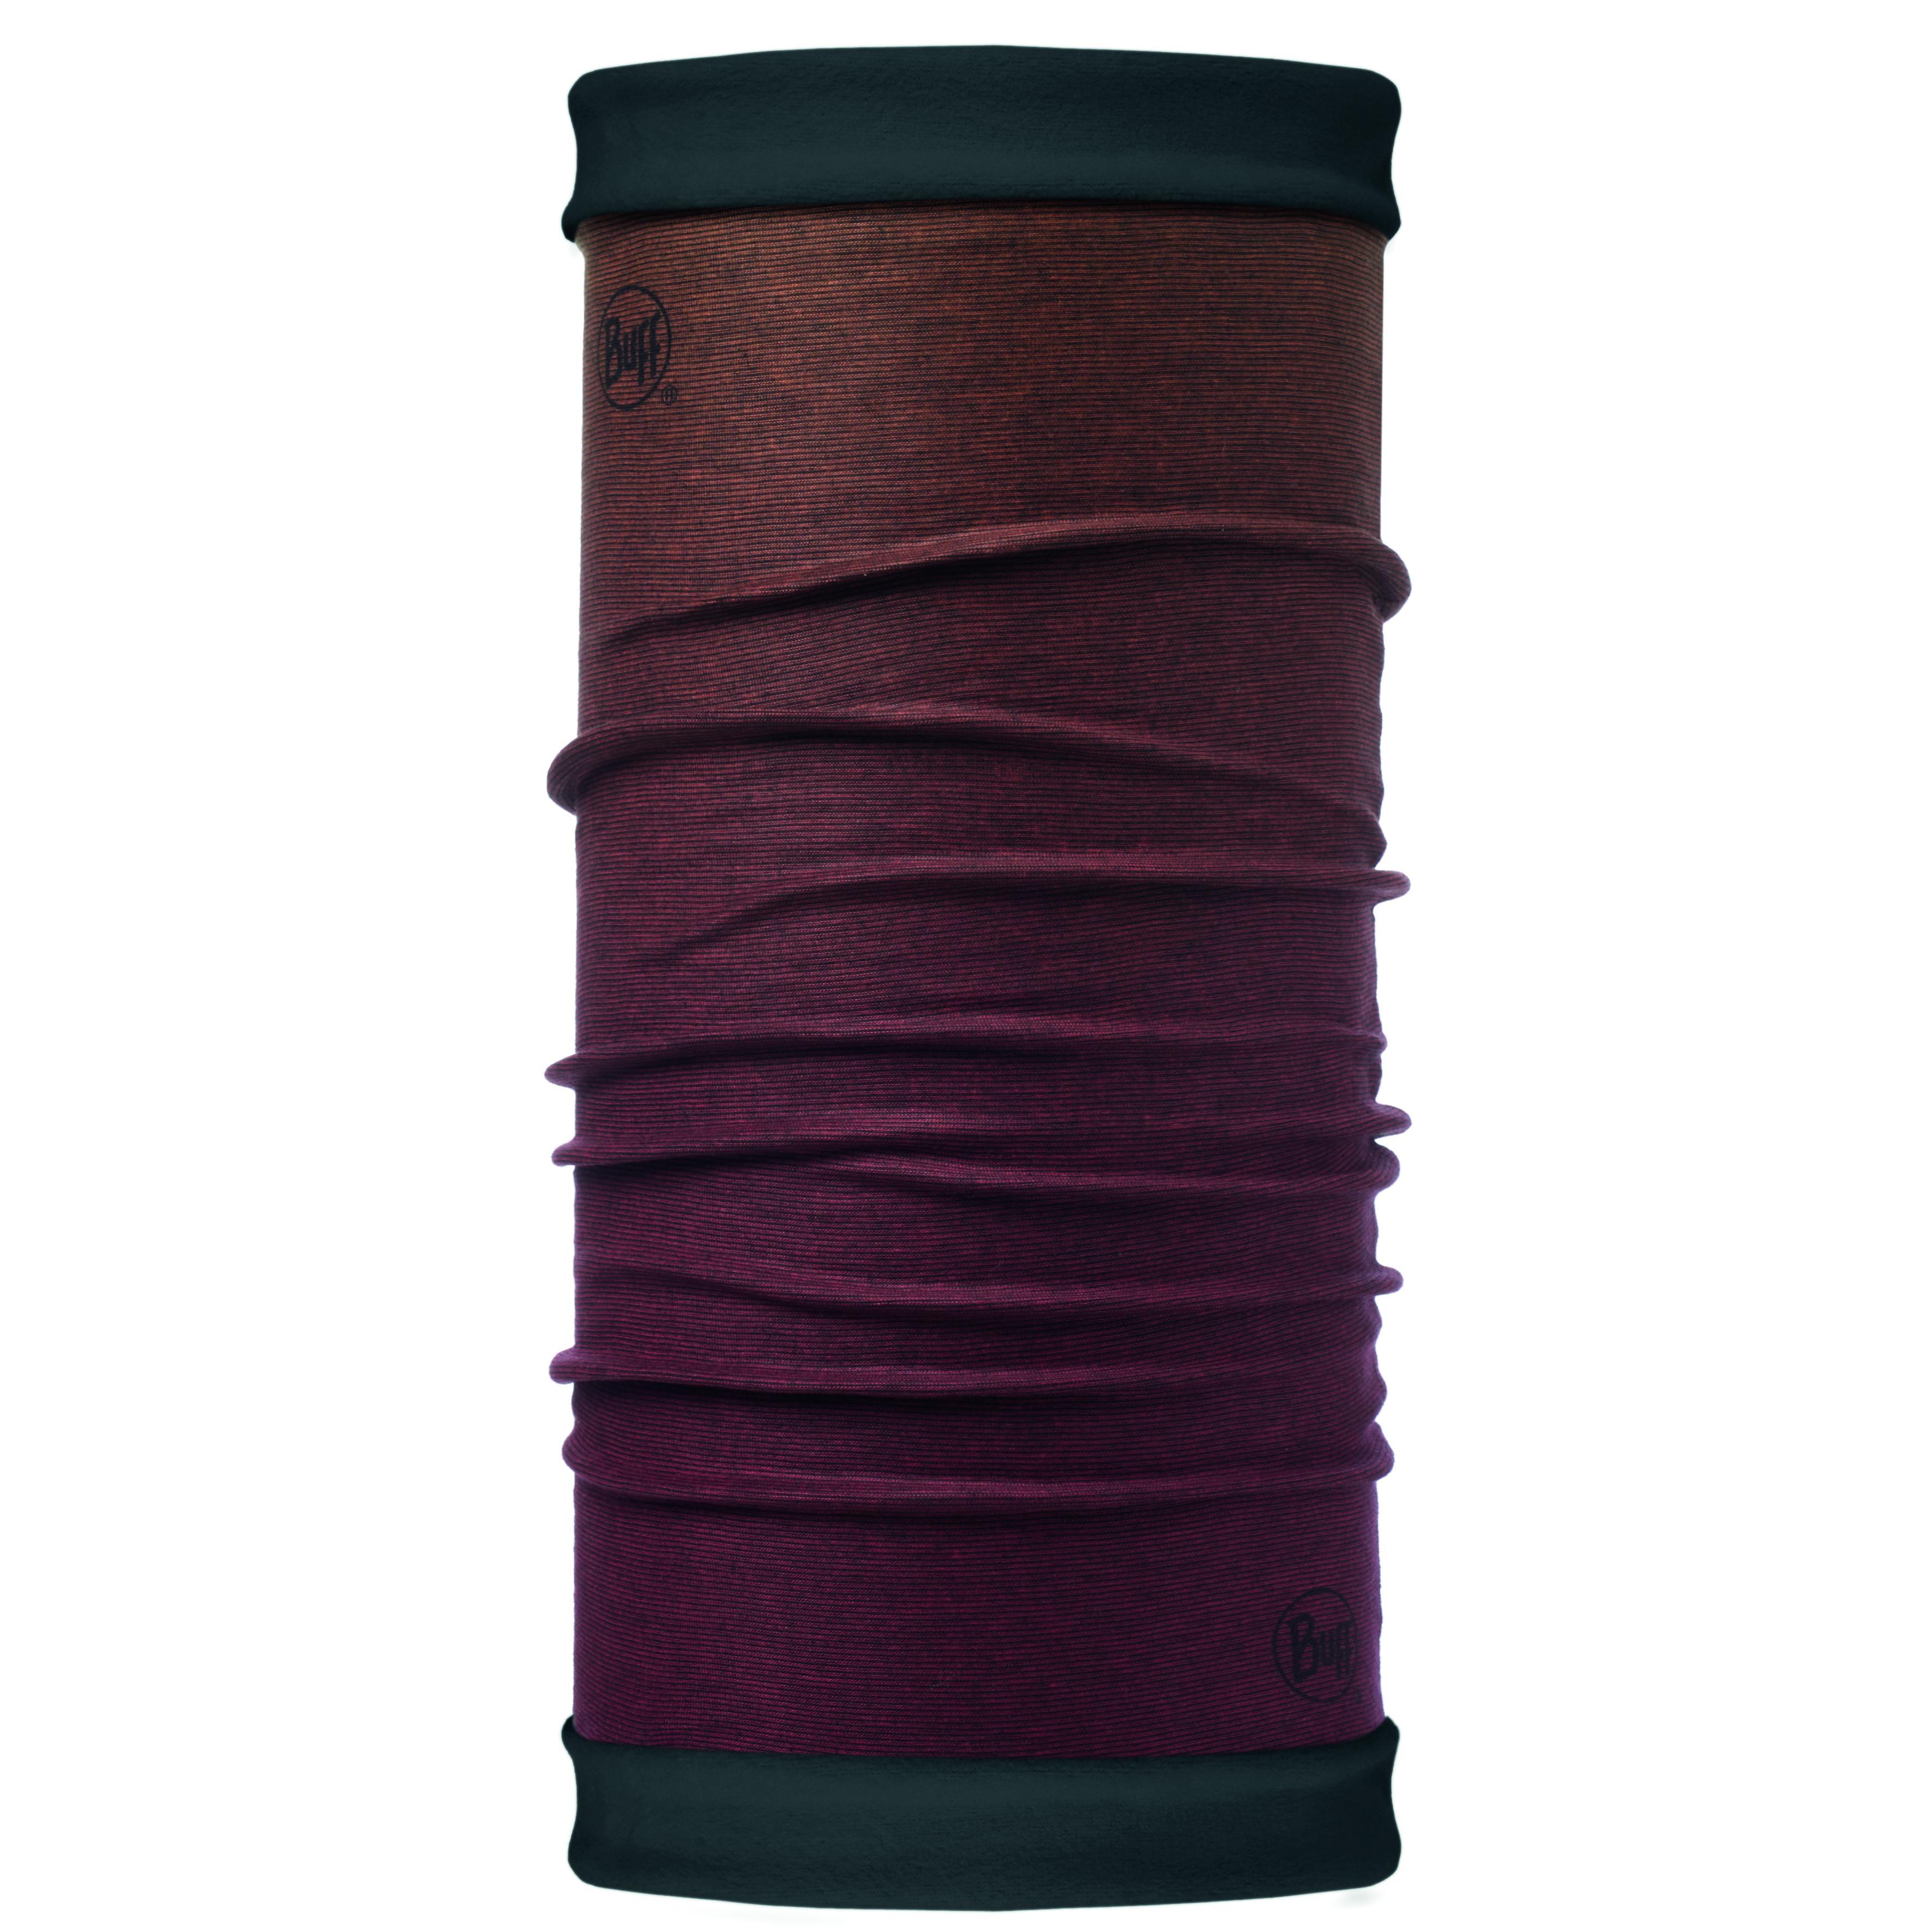 Купить Бандана BUFF REVERSIBLE POLAR NOD WINE Банданы и шарфы Buff ® 1307991